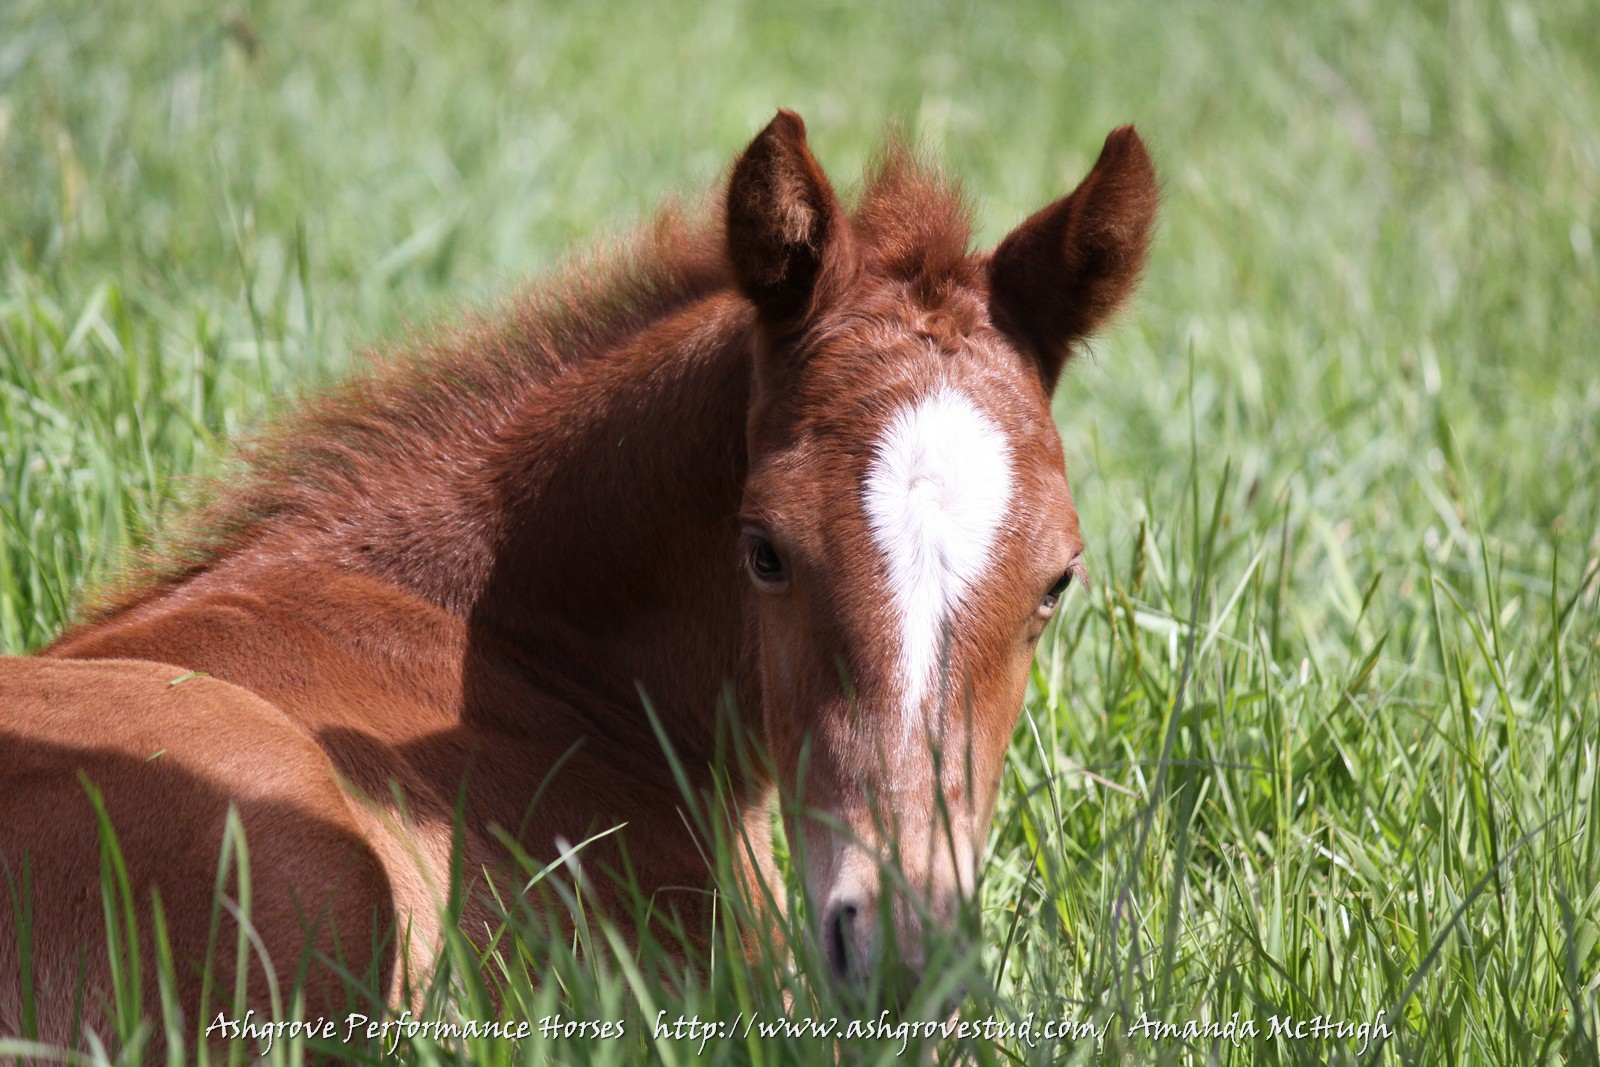 Foals 28-10-14 247 - Copy